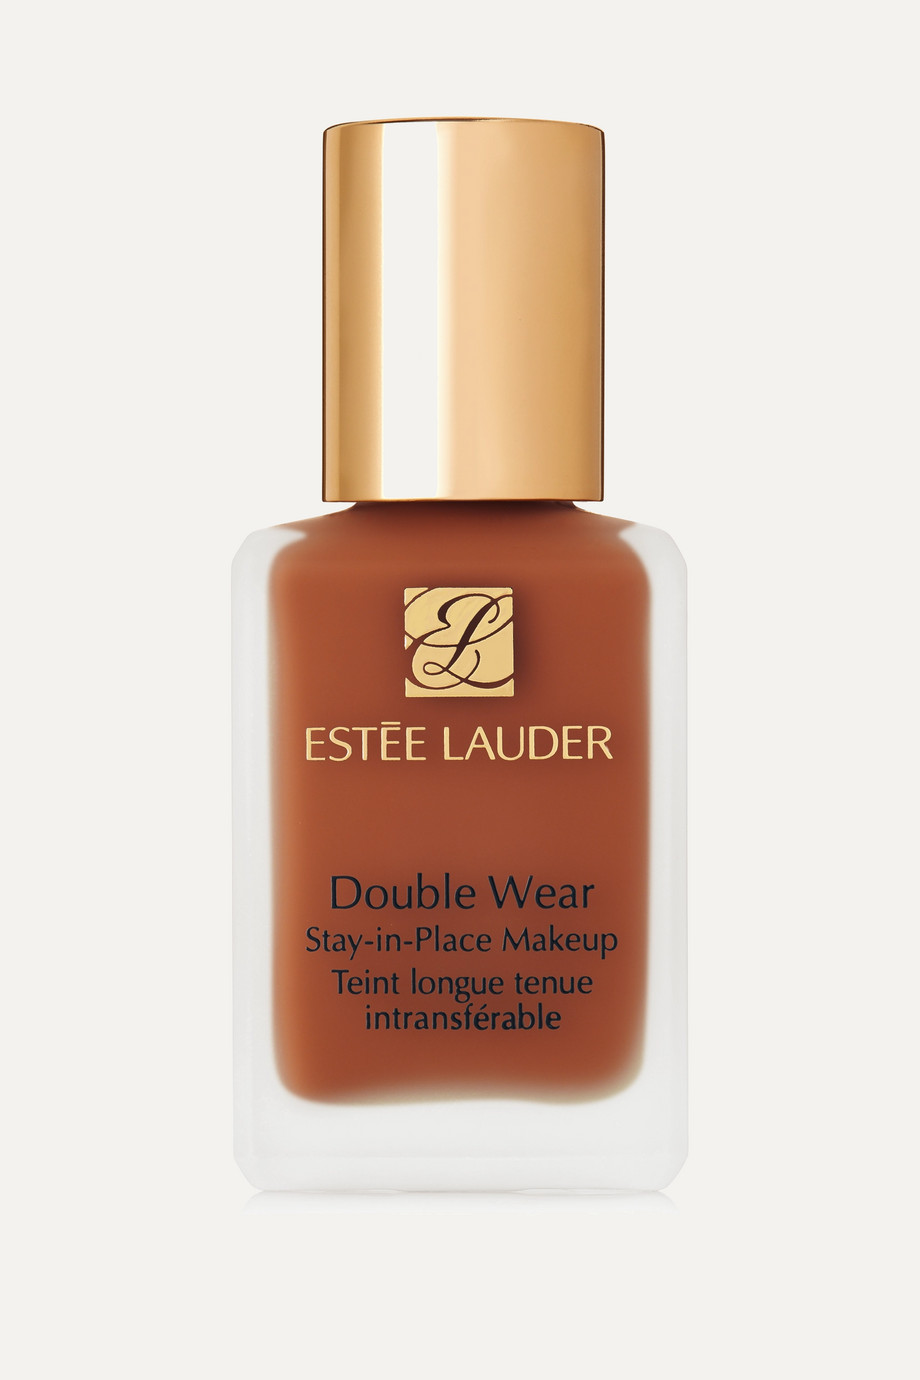 Estée Lauder Double Wear Stay-in-Place Makeup - Sepia 5C2